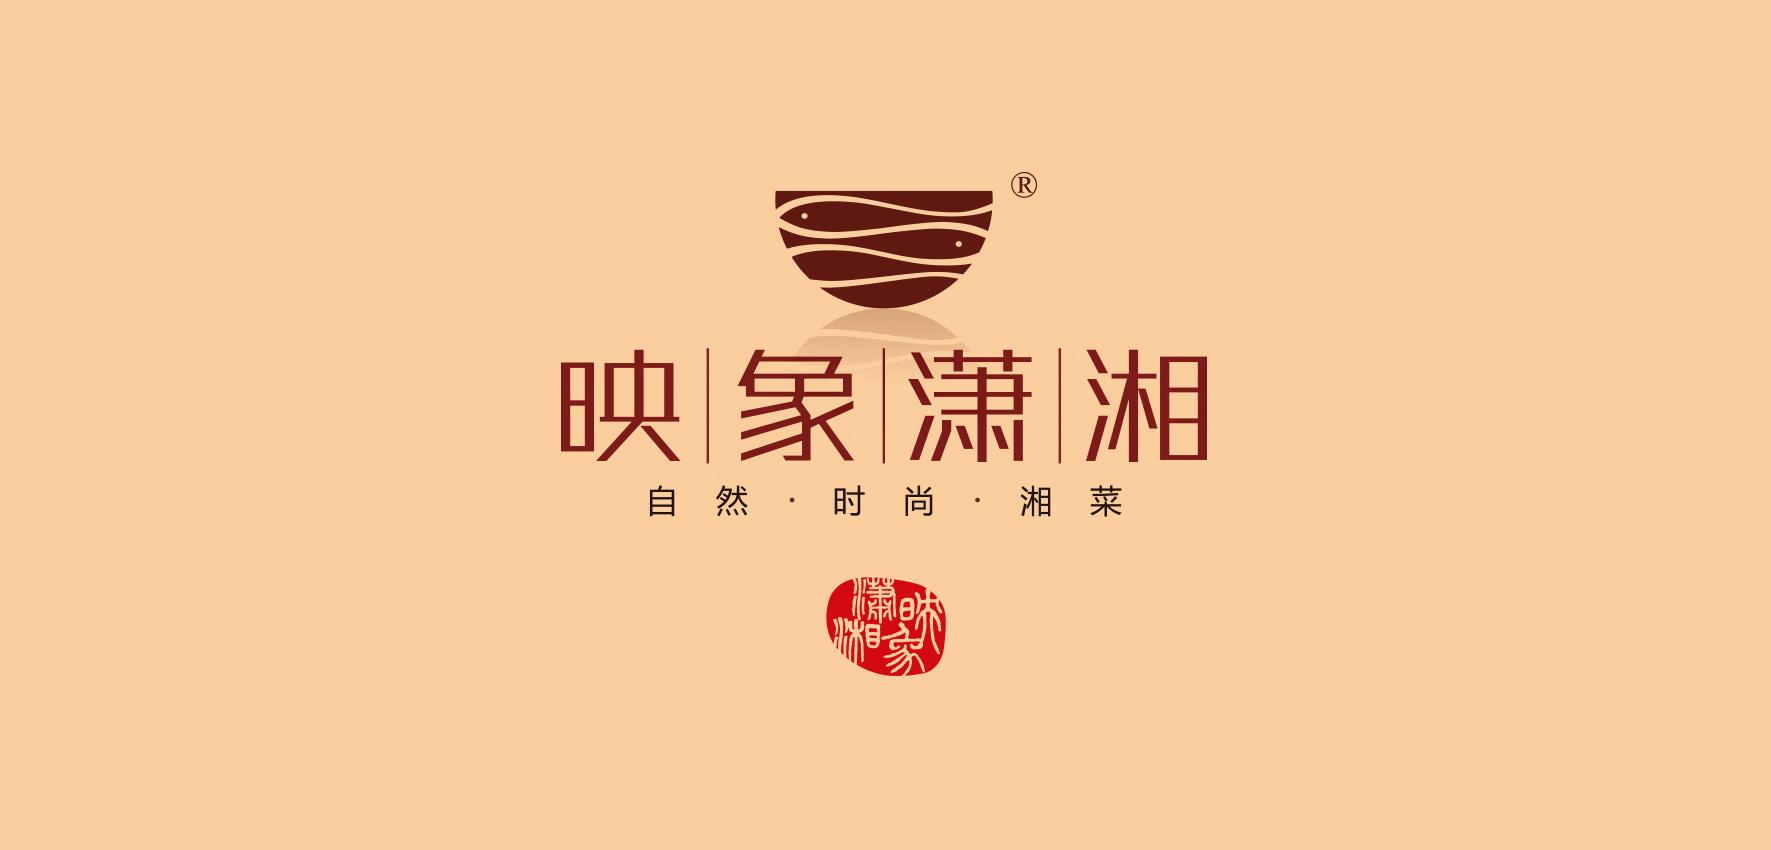 3(映象潇湘)